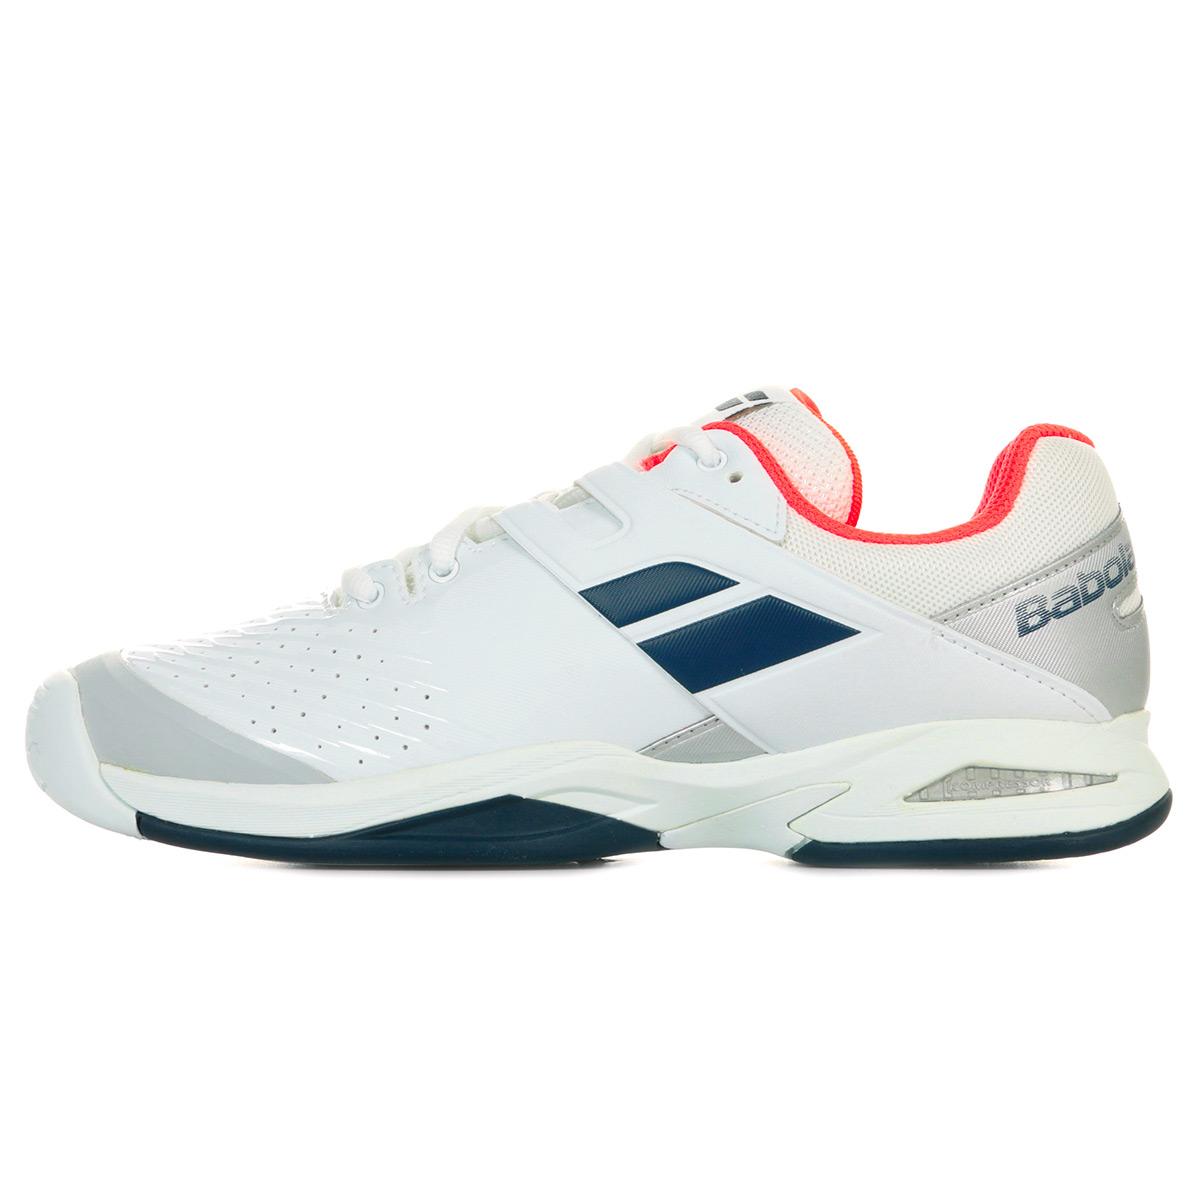 Babolat Propulse Team All Court Chaussures de Tennis pour Enfants